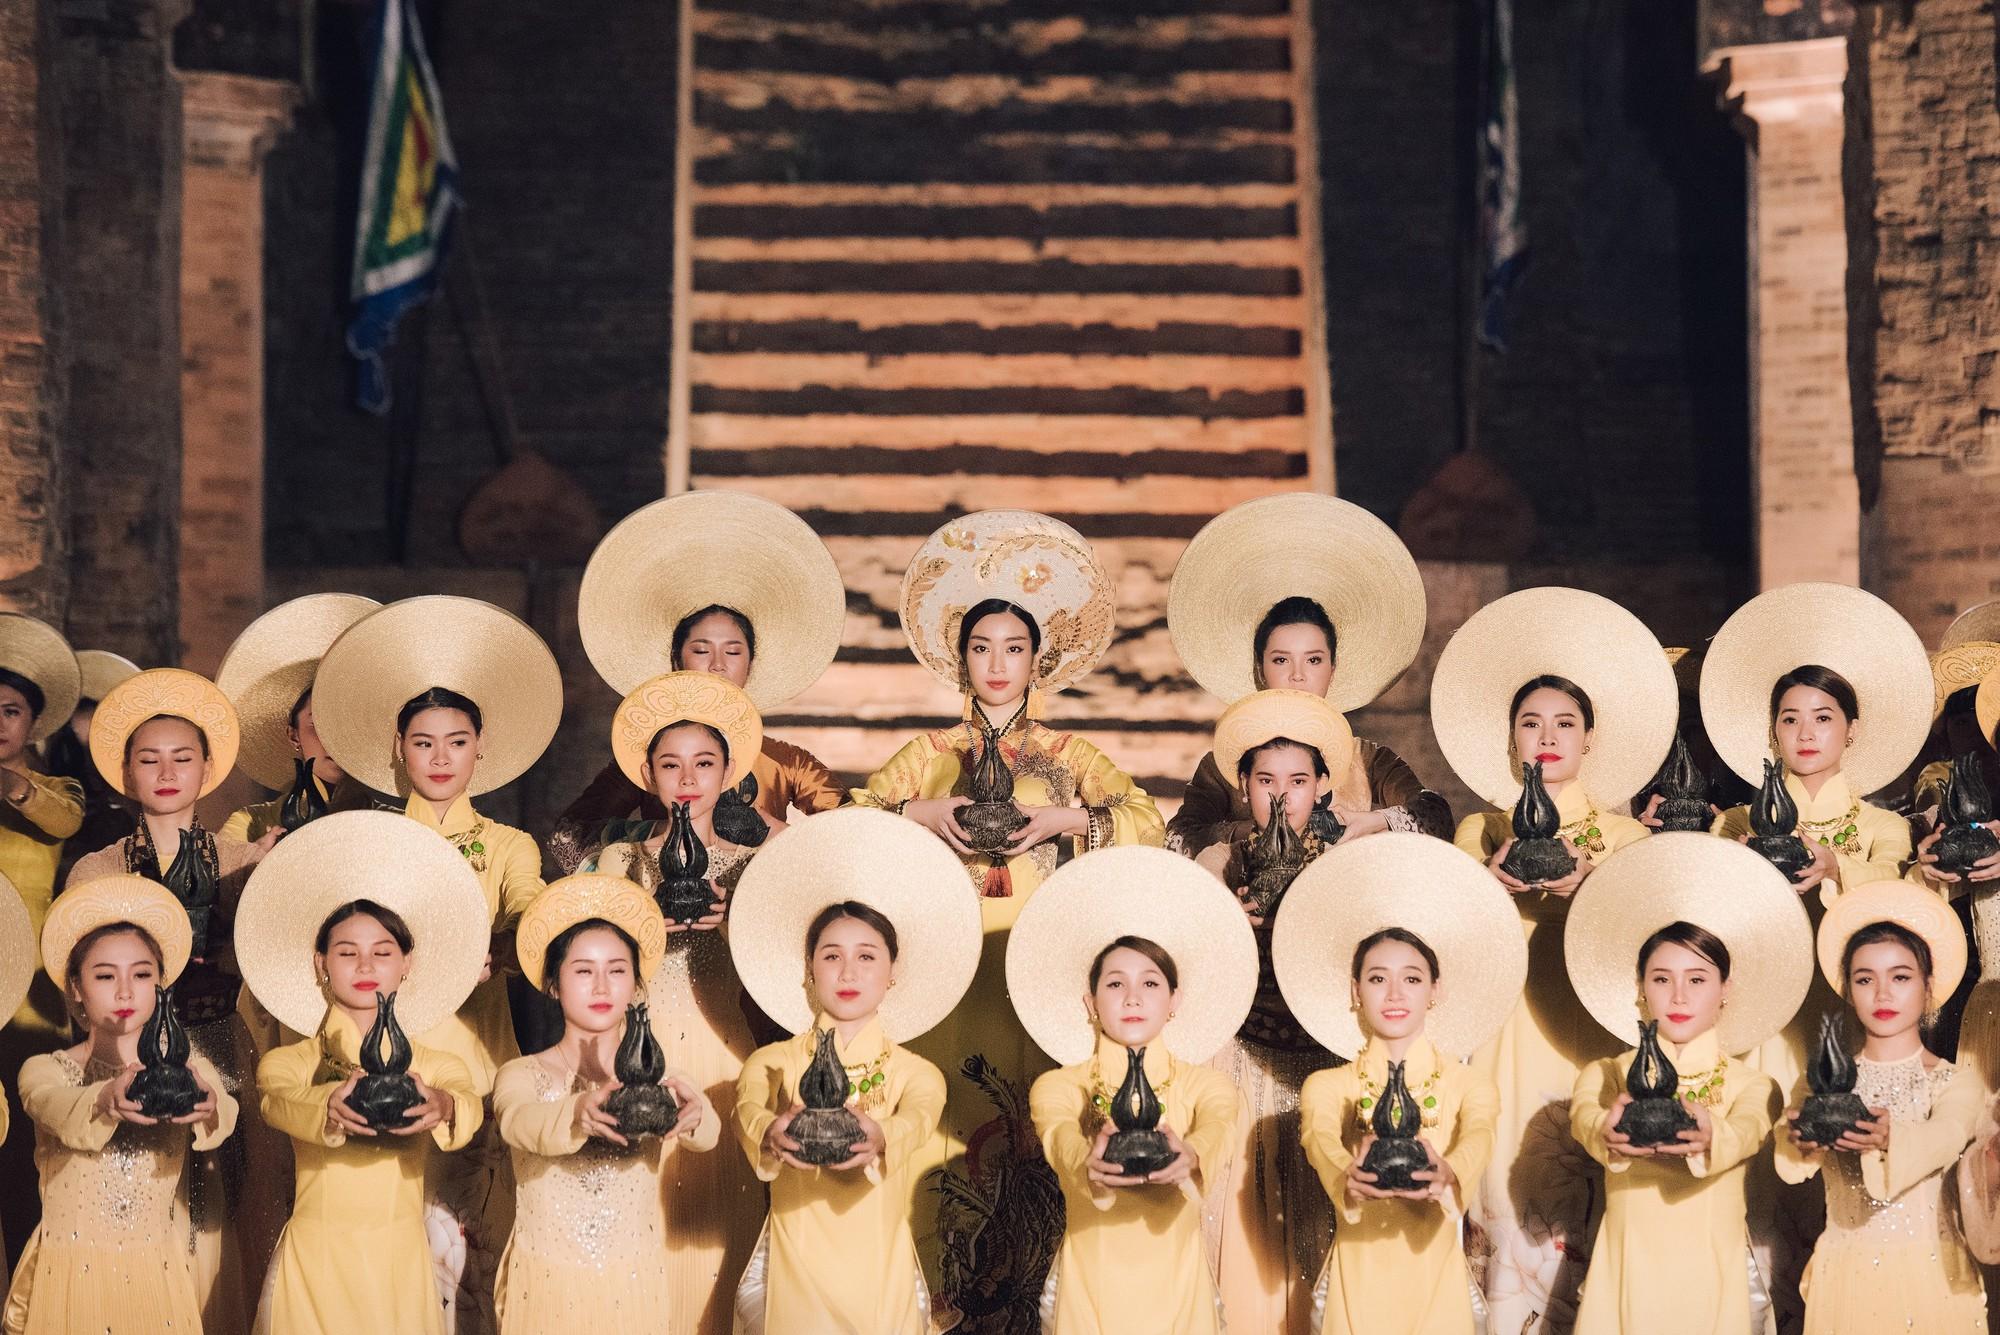 Đỗ Mỹ Linh trở thành đại sứ lễ hội Trầm hương Khánh Hòa - Ảnh 1.